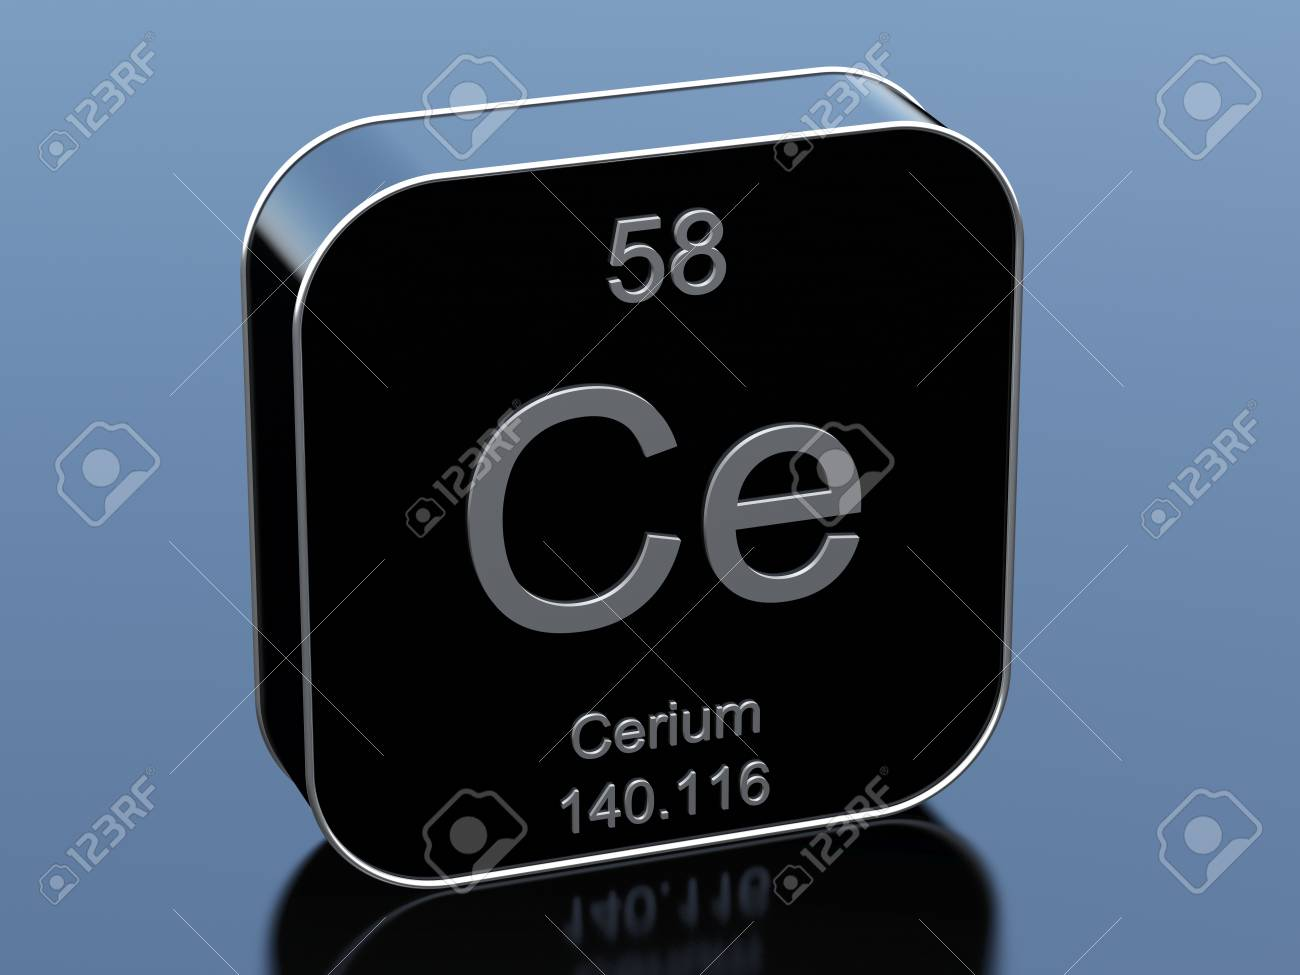 Cerium symbol from periodic table stock photo picture and royalty cerium symbol from periodic table stock photo 76322209 urtaz Images